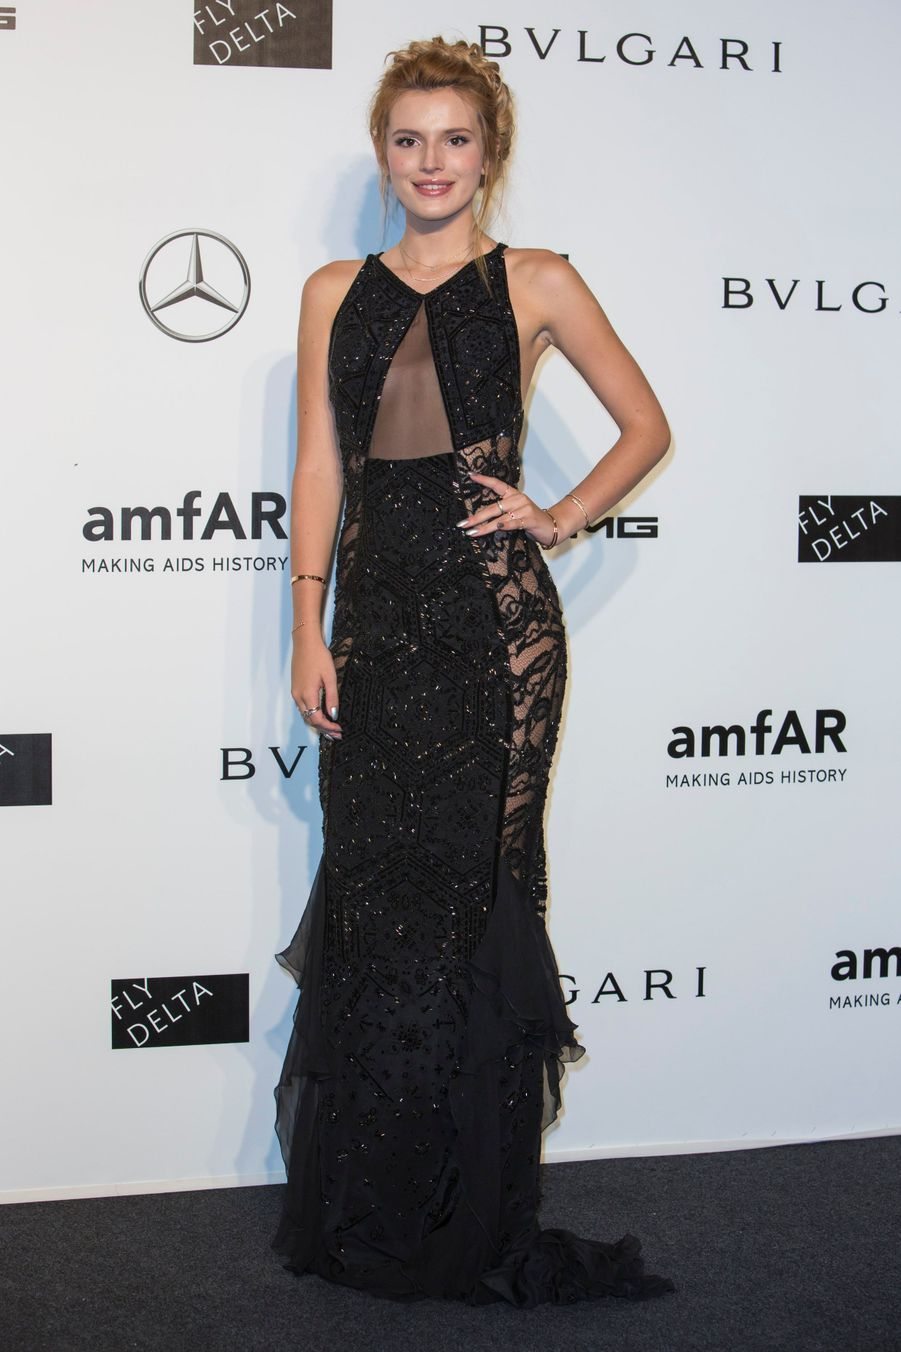 L'actrice de 16 ans, Bella Thorne, au gala de l'amfAR à Milan, le 20 septembre 2014